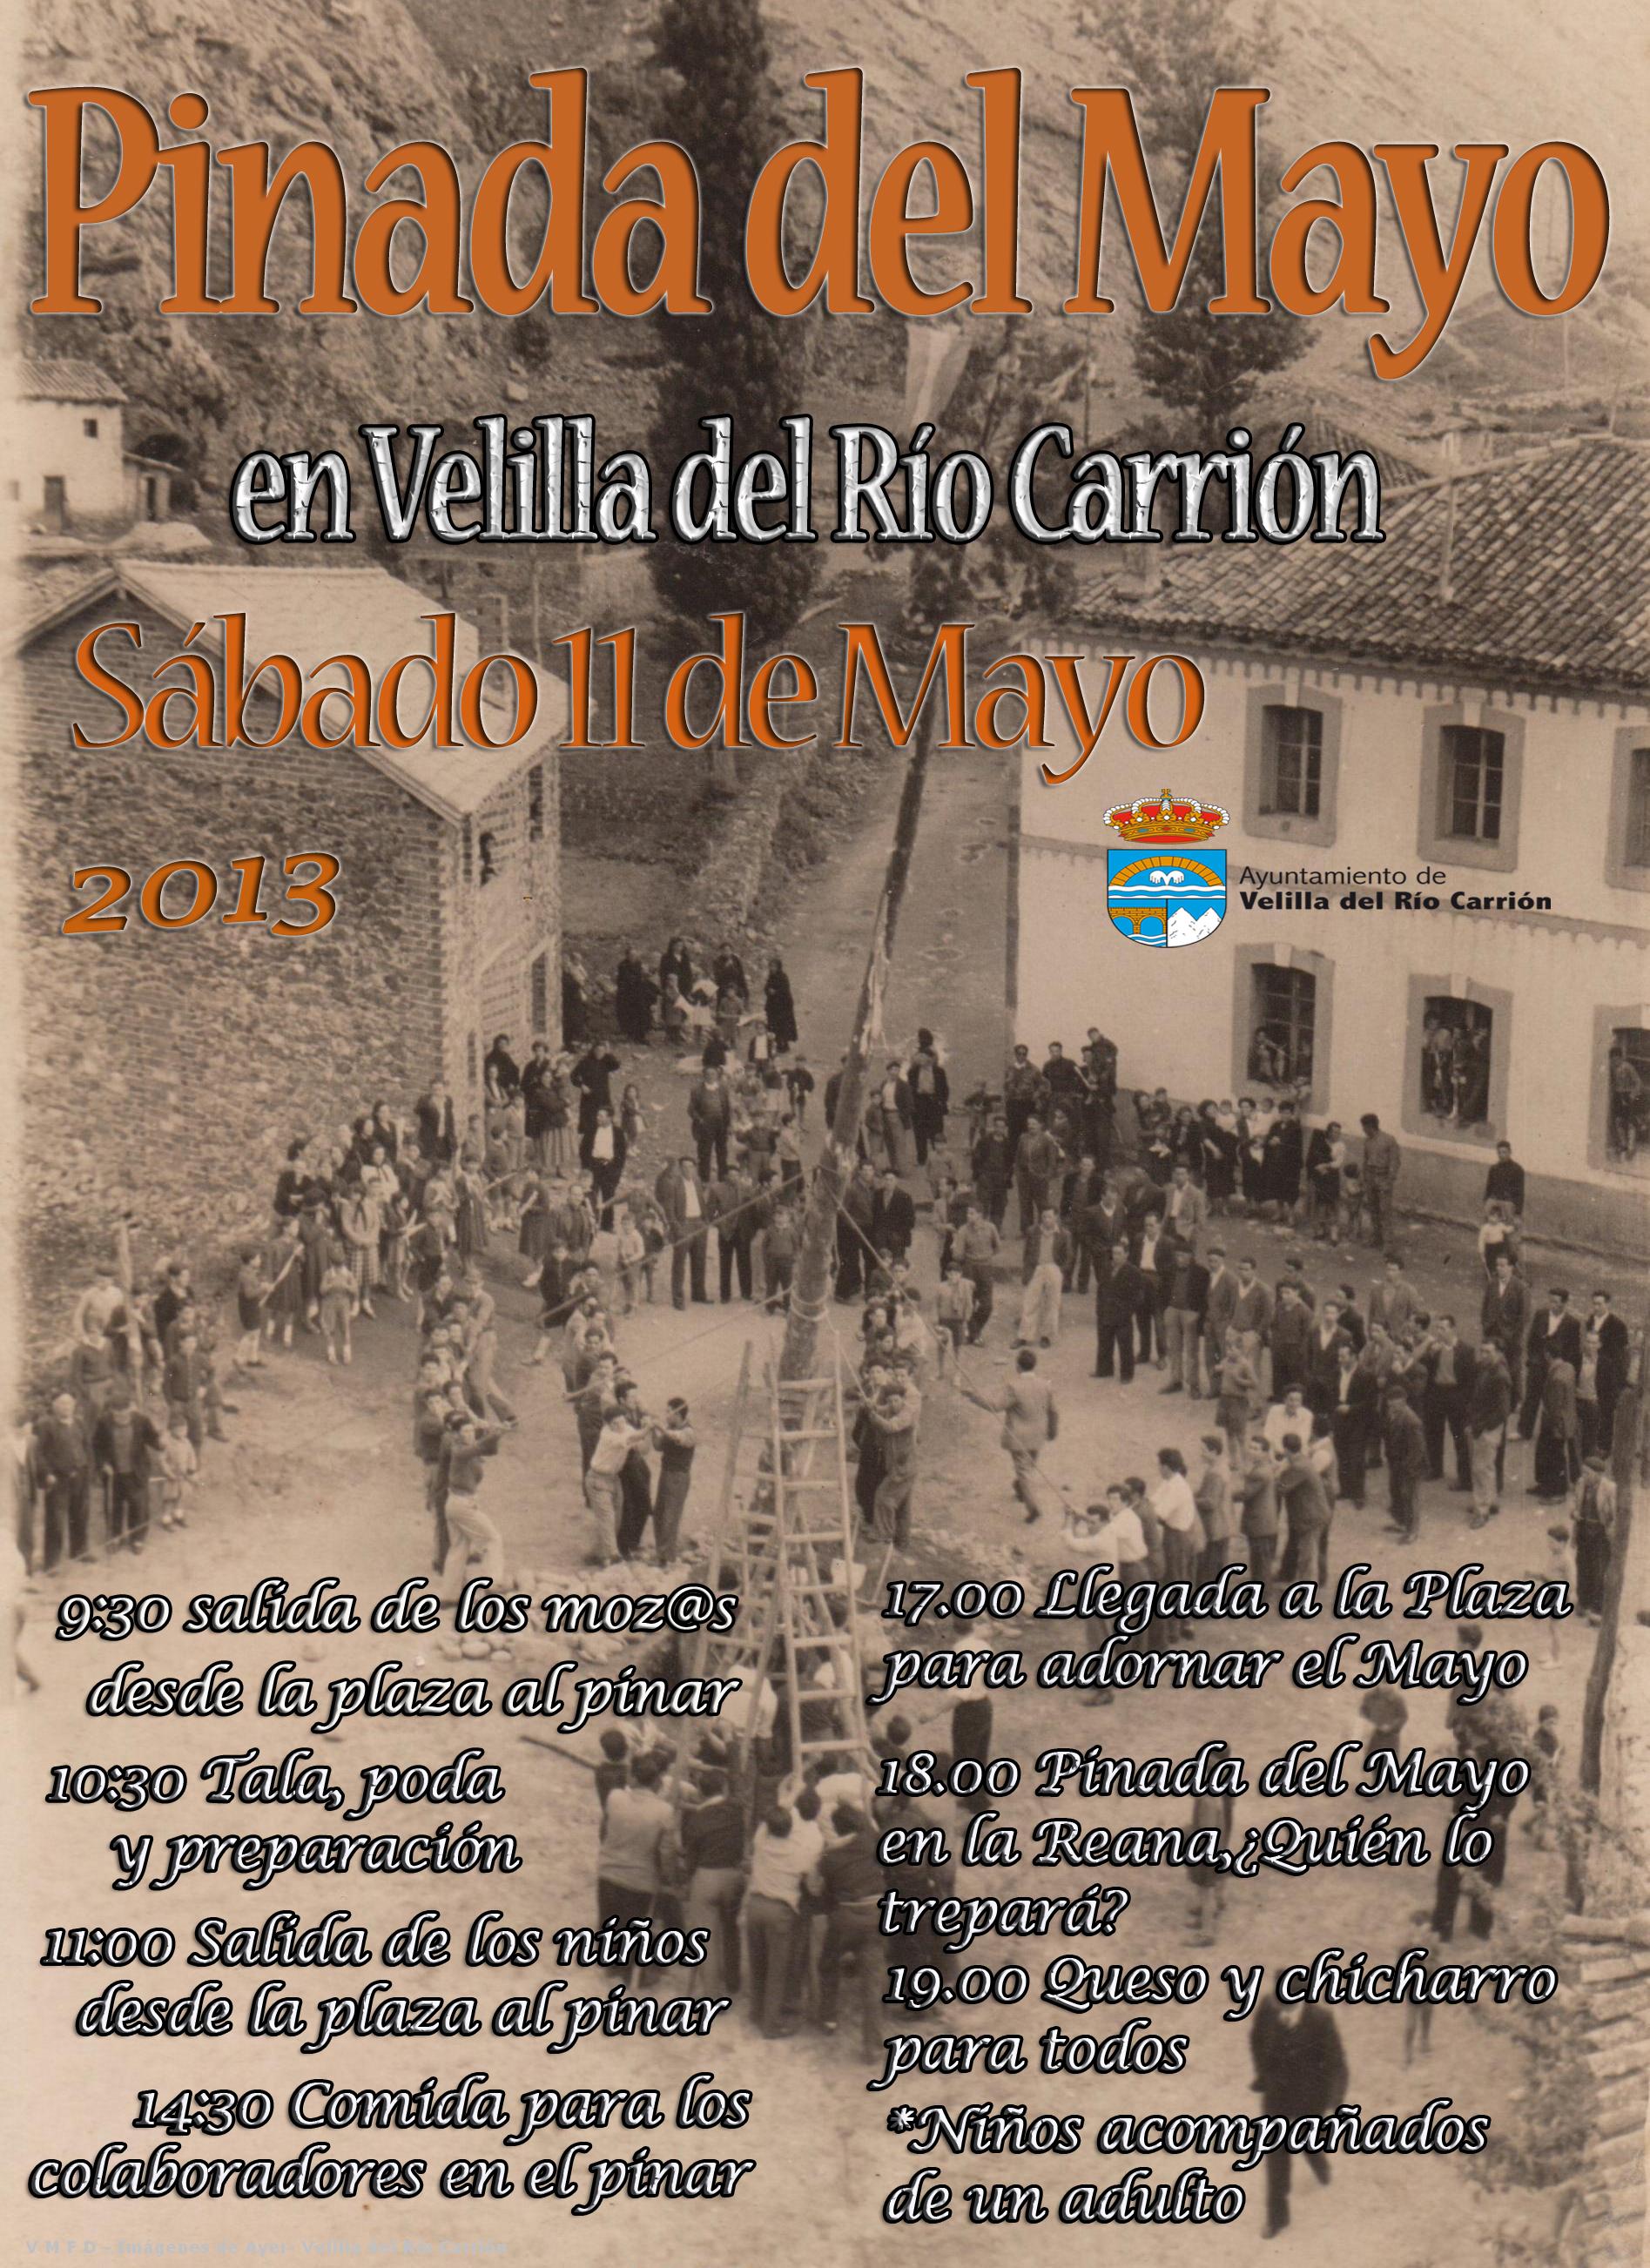 FIESTA DE LA PINADA DEL MAYO 2013